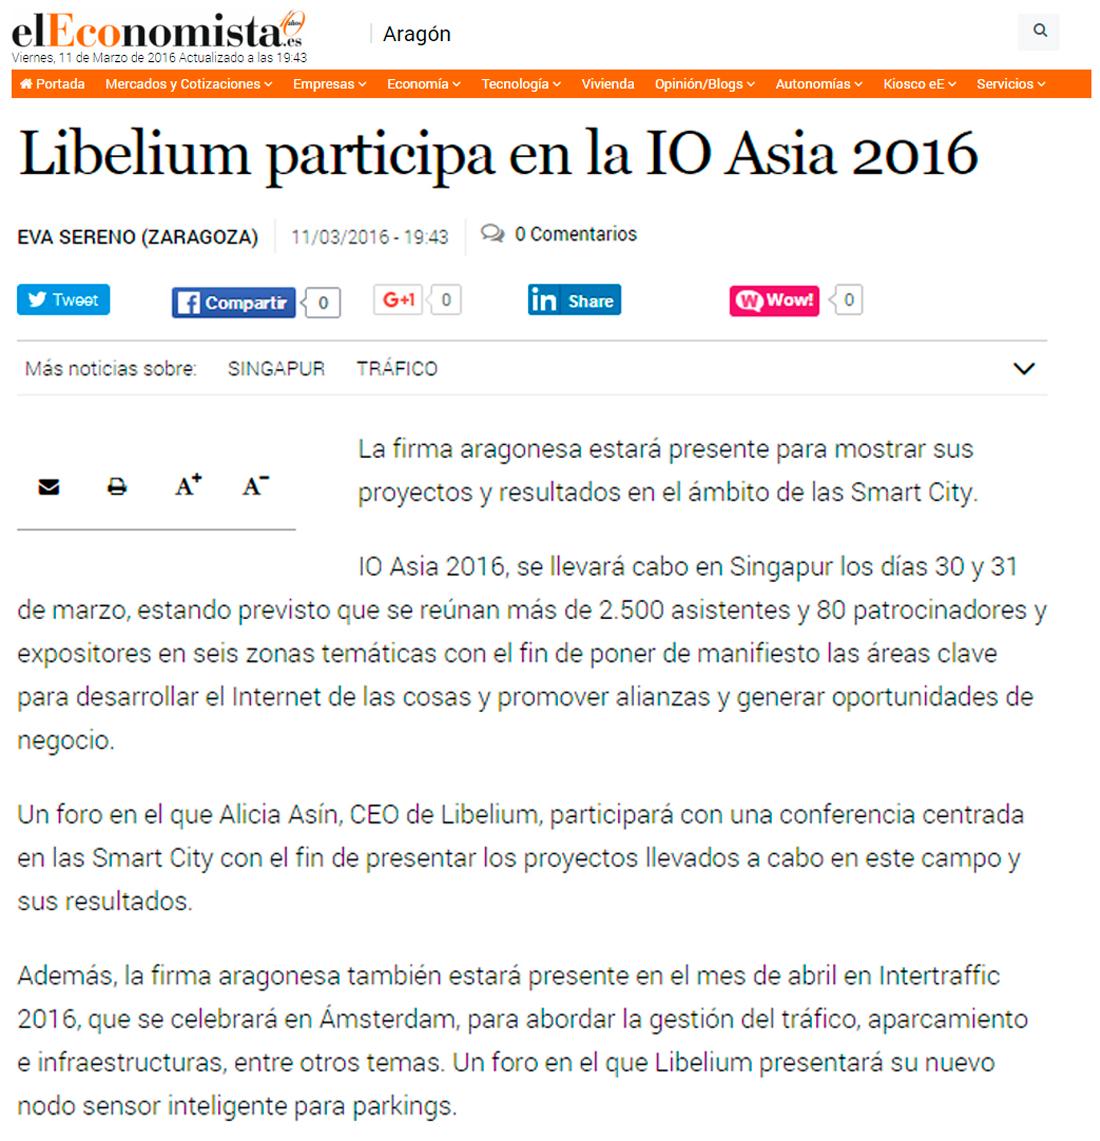 Eleconomista.es - Libelium participa en la IO Asia 2016